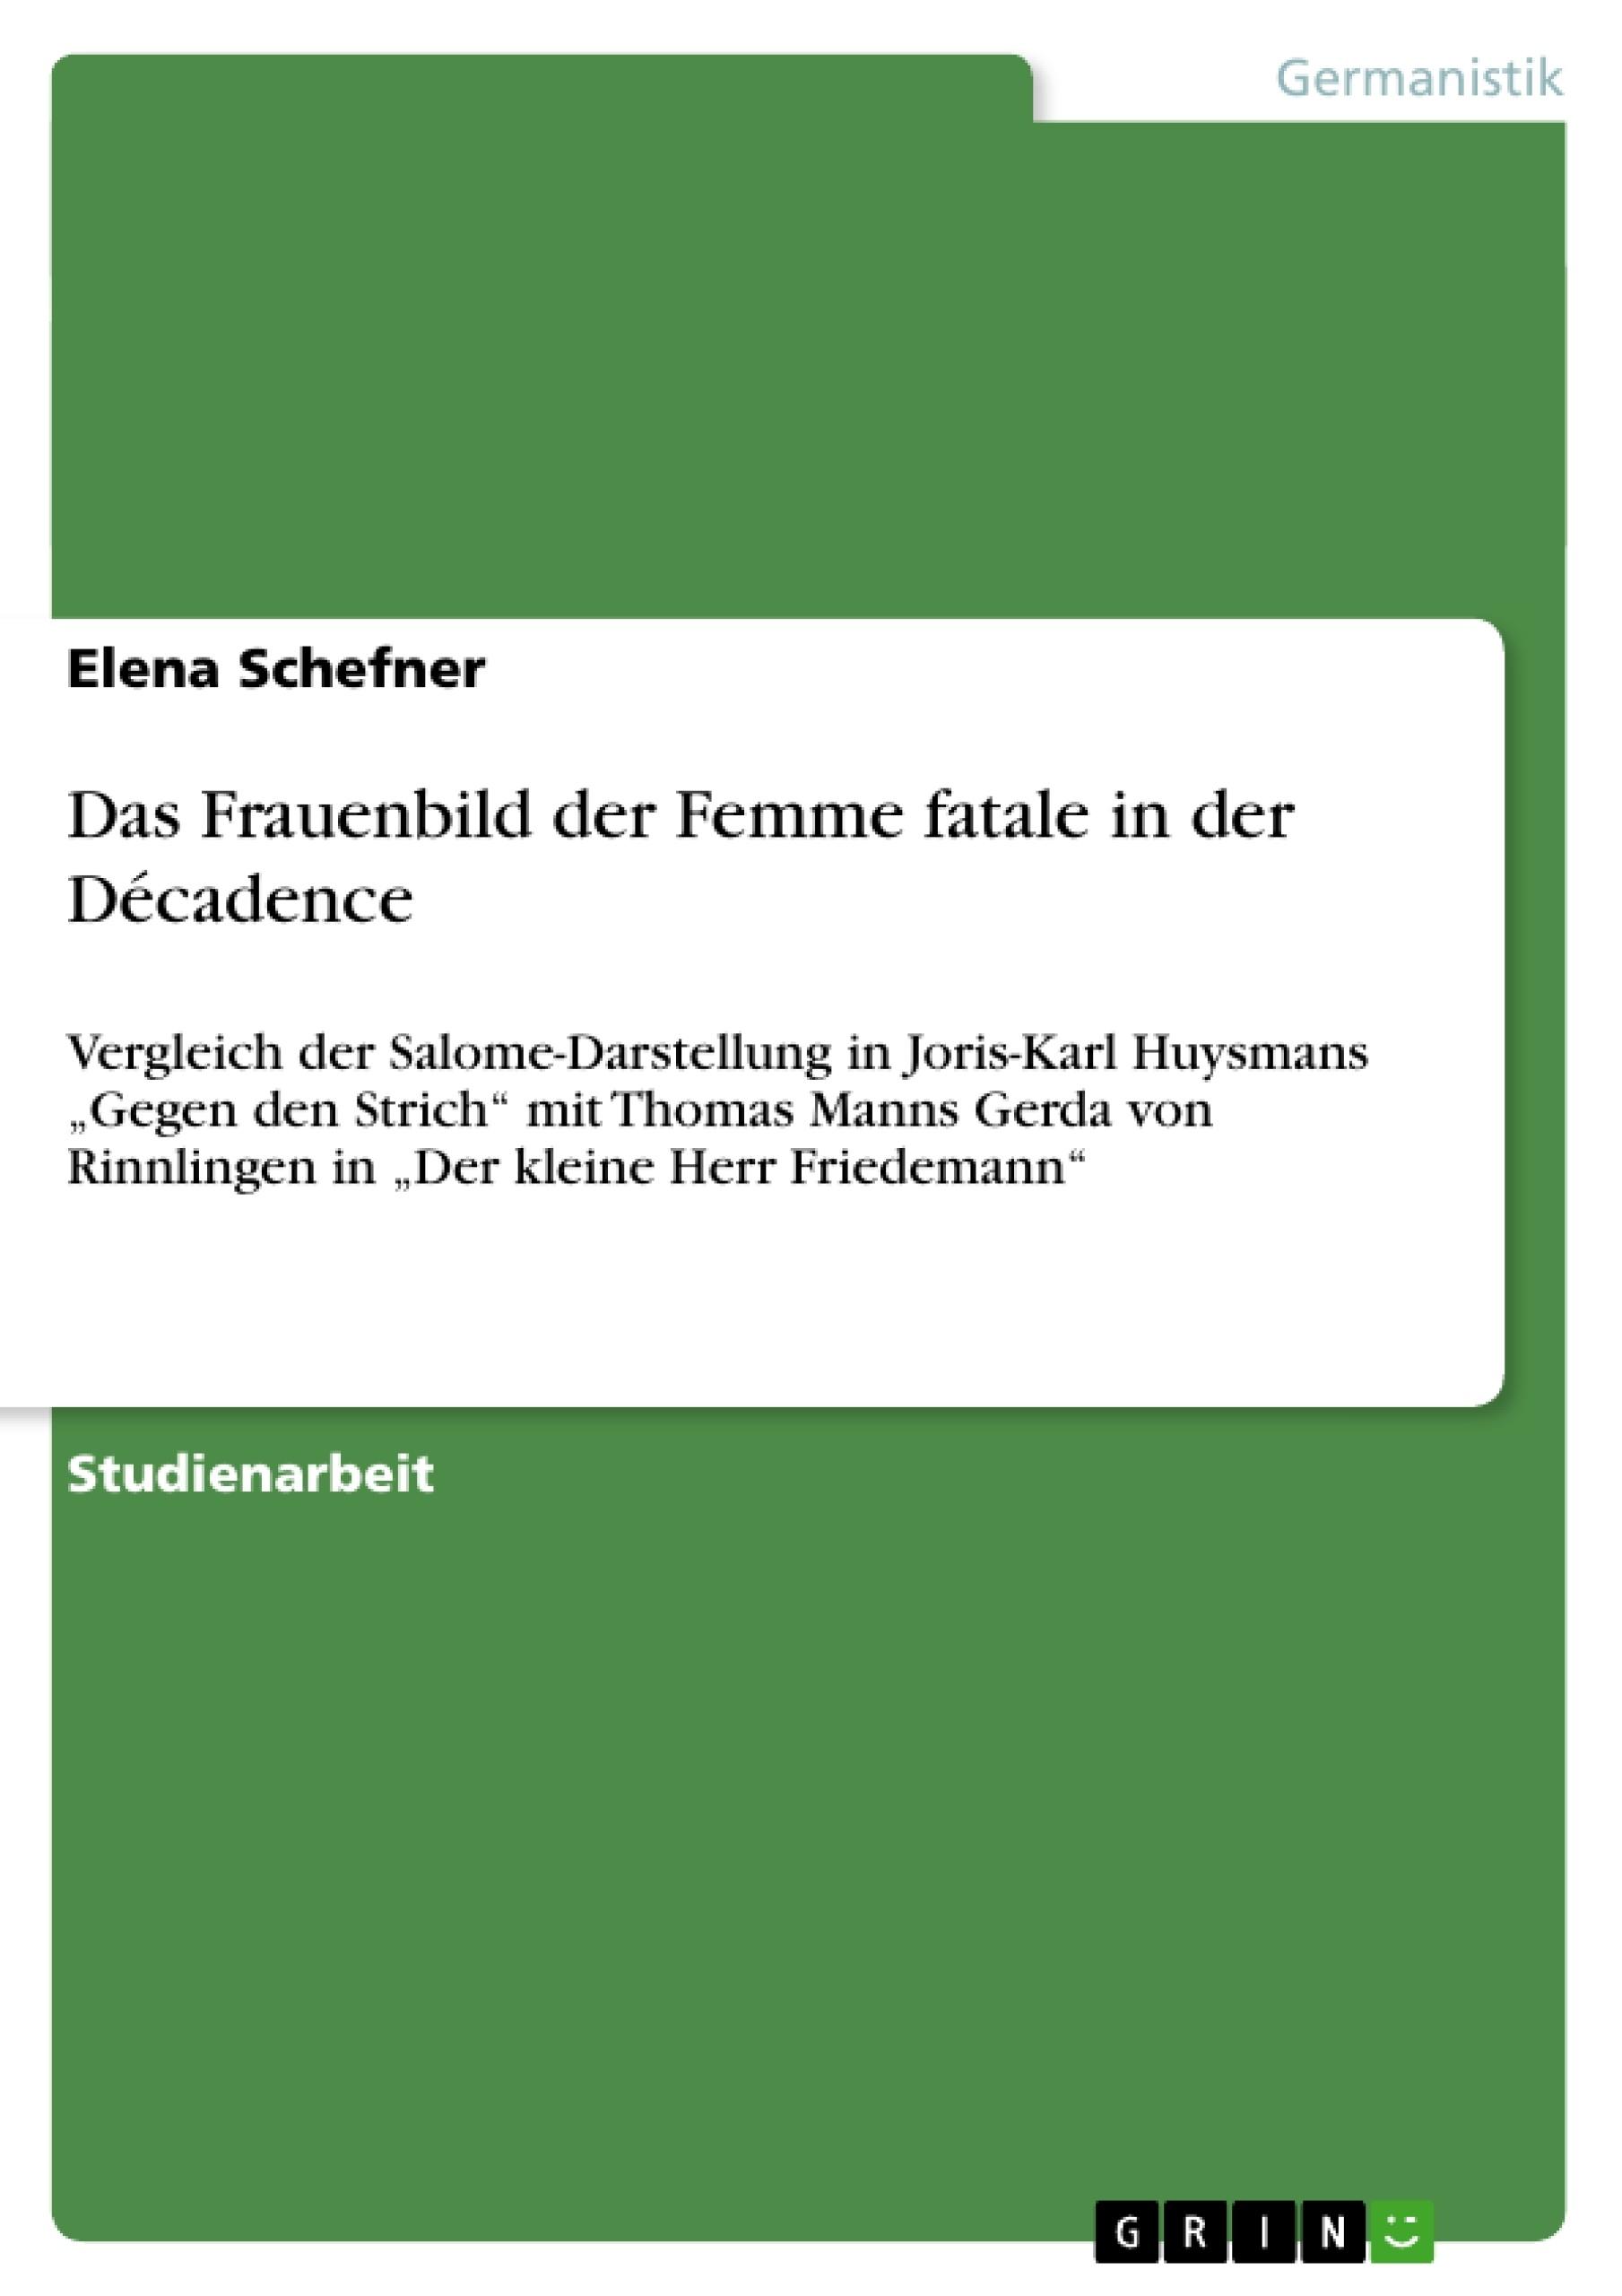 Titel: Das Frauenbild der Femme fatale in der Décadence